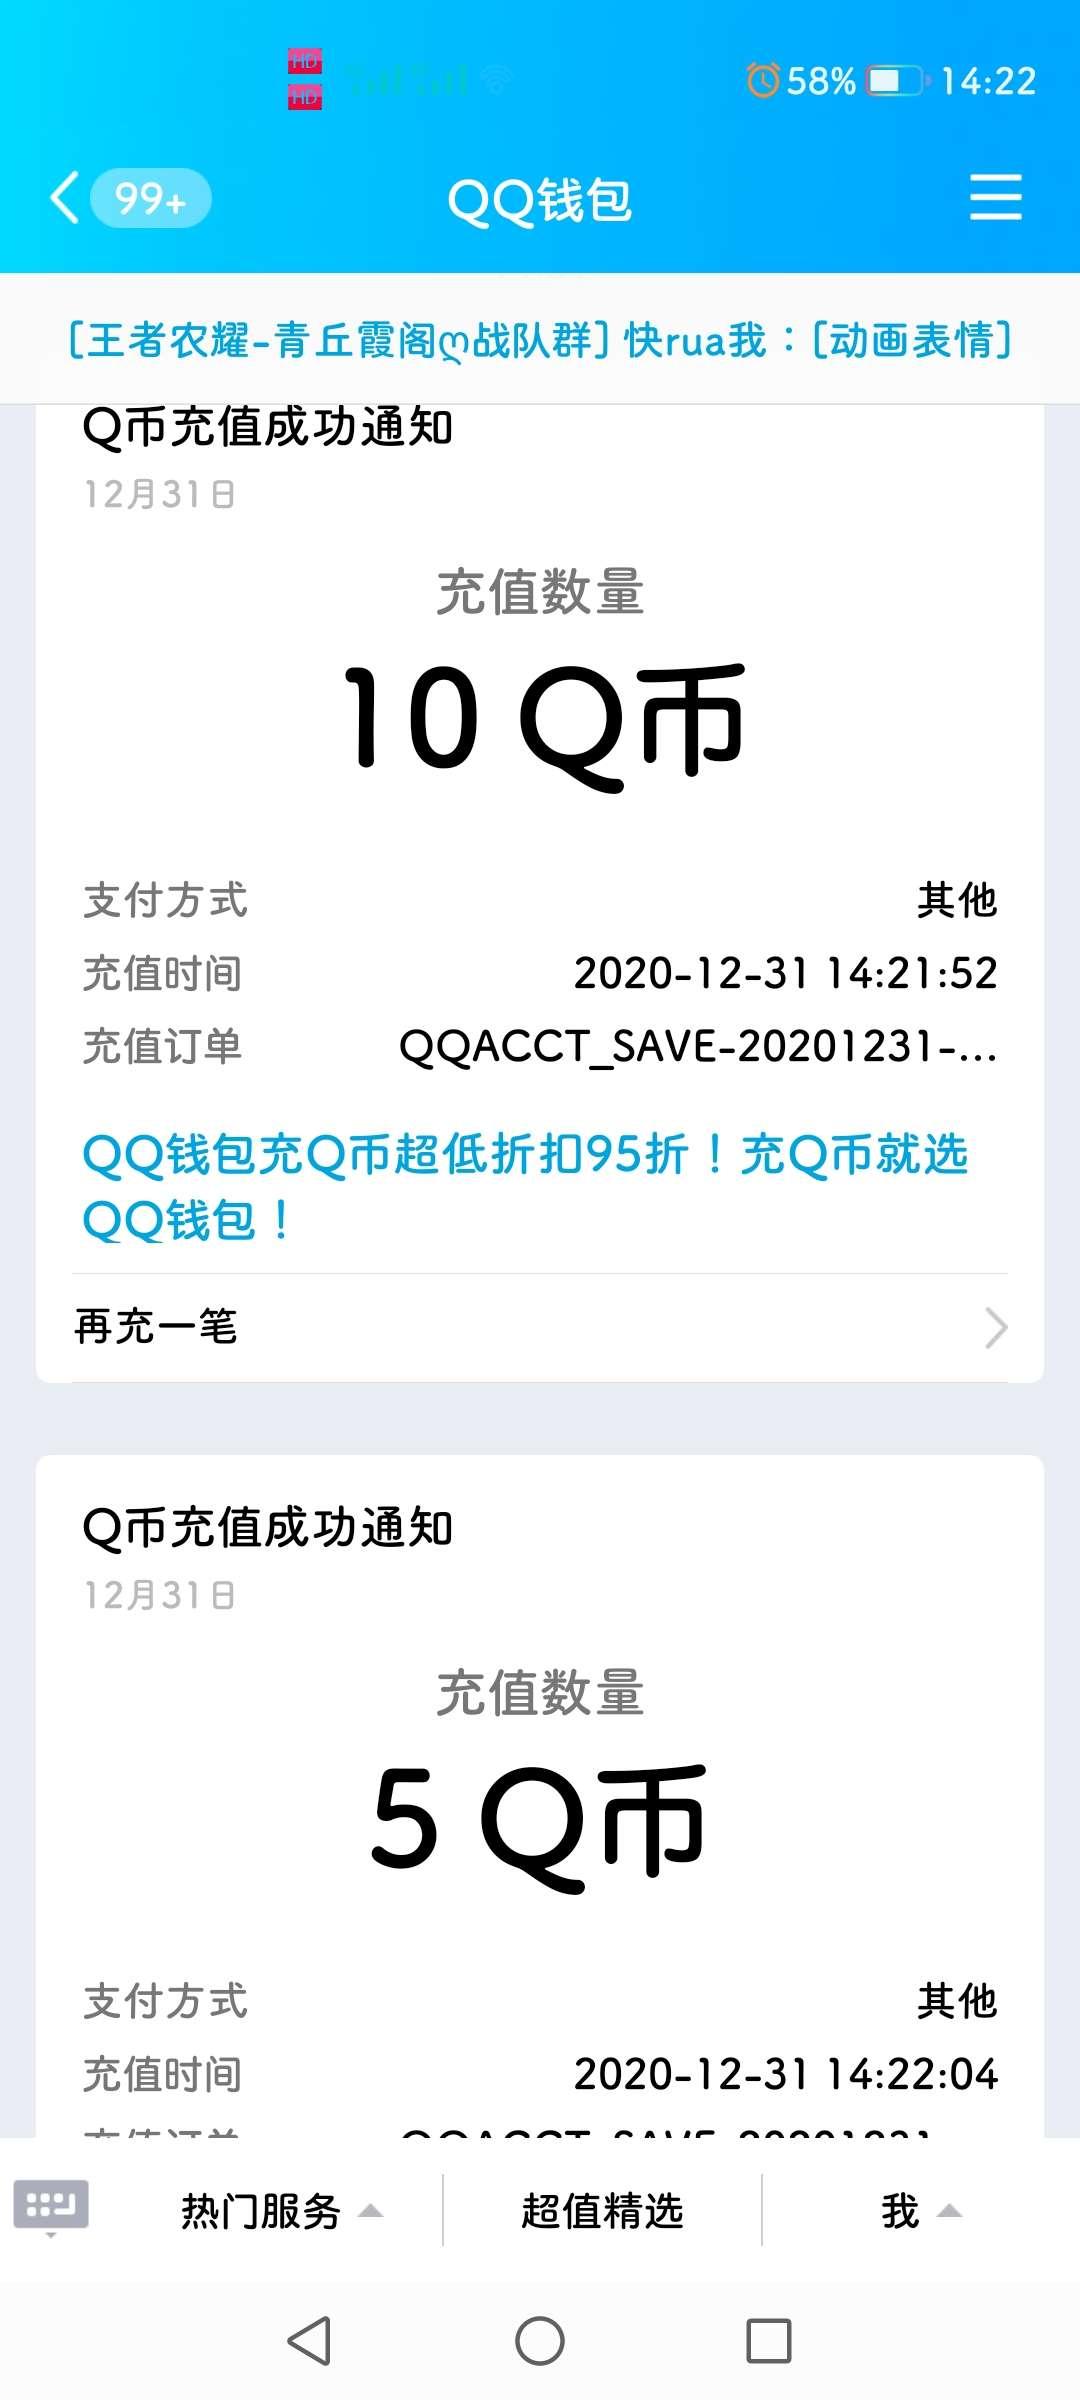 天龙八部部分用户,有没有消息都去试试,现在大水亲测15qb插图3